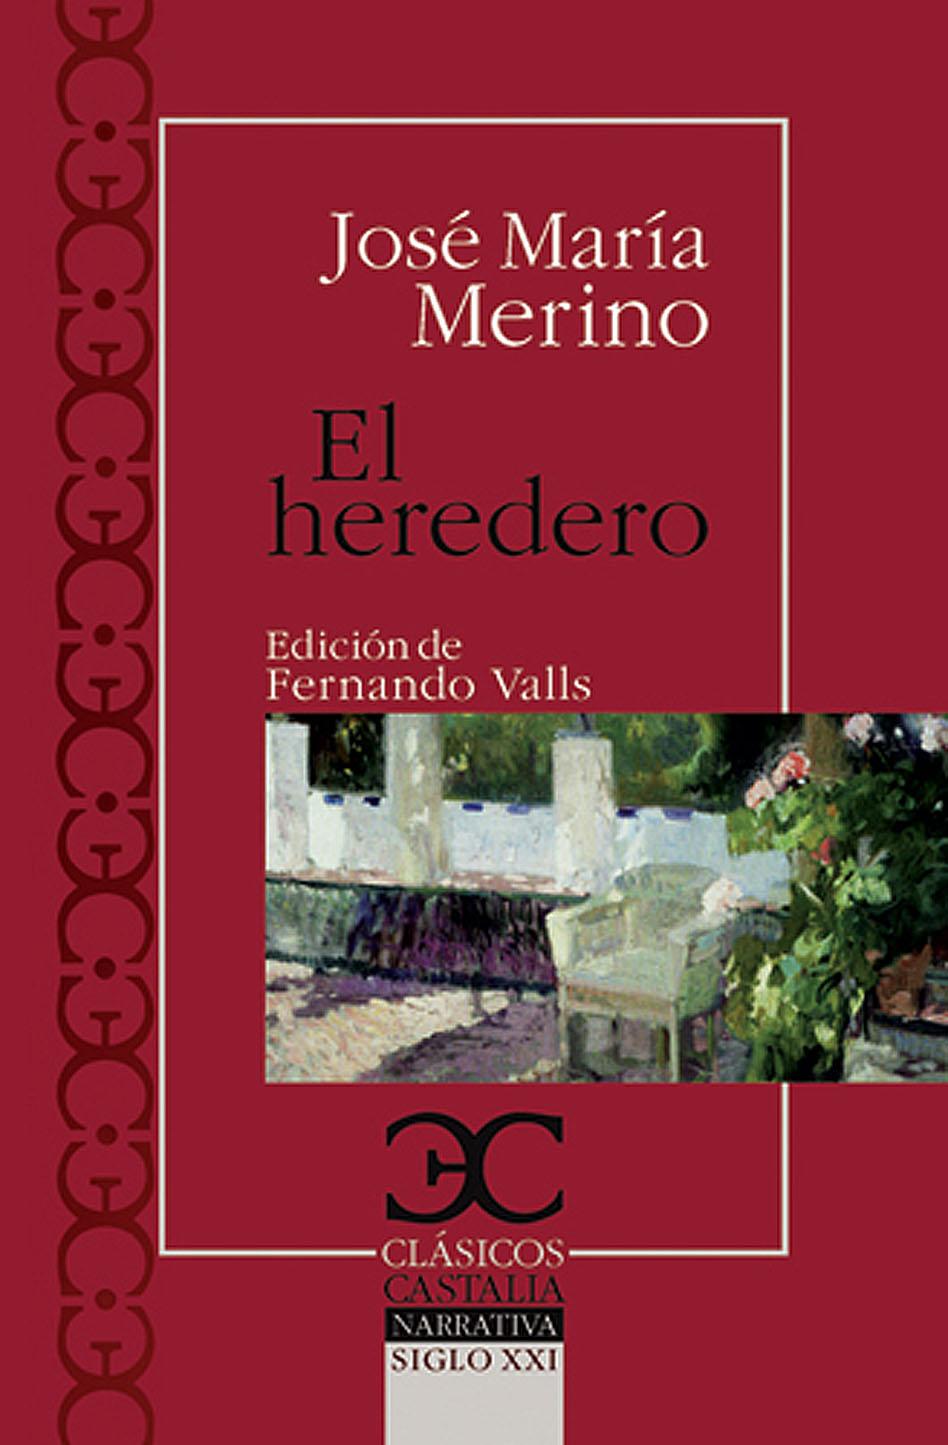 Portada de El heredero, de José María Merino